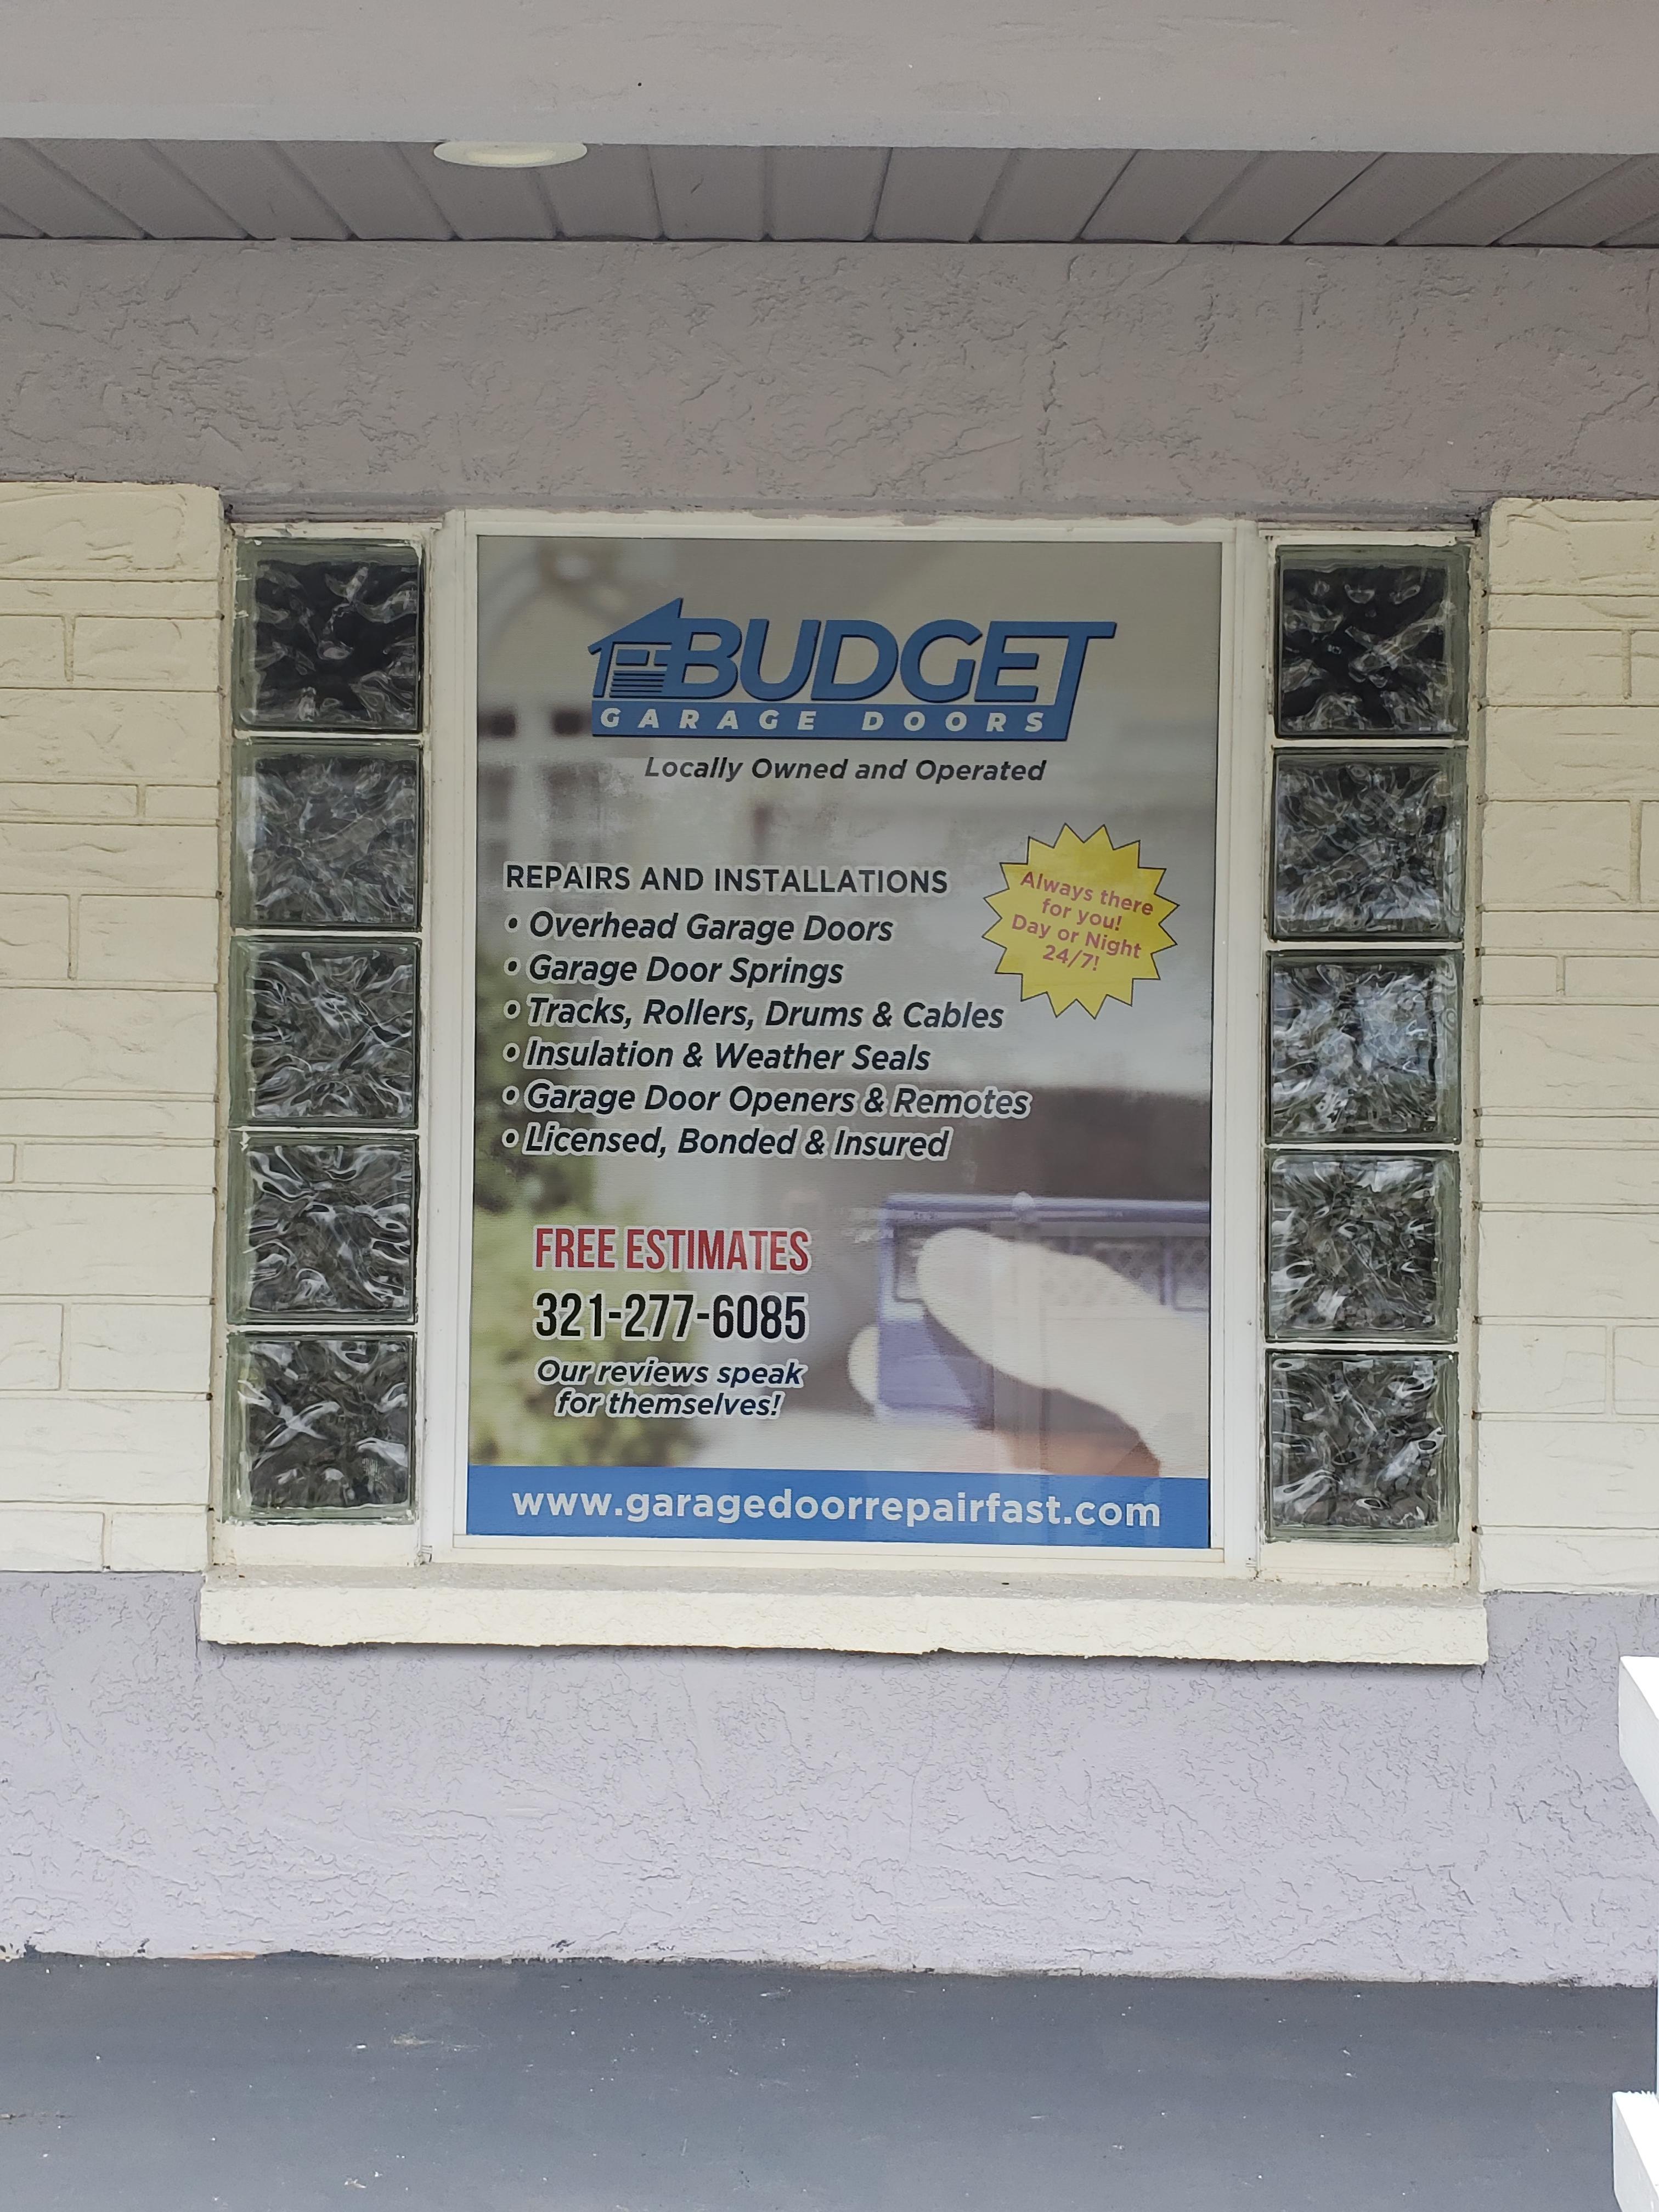 Budget Garage Doors image 2